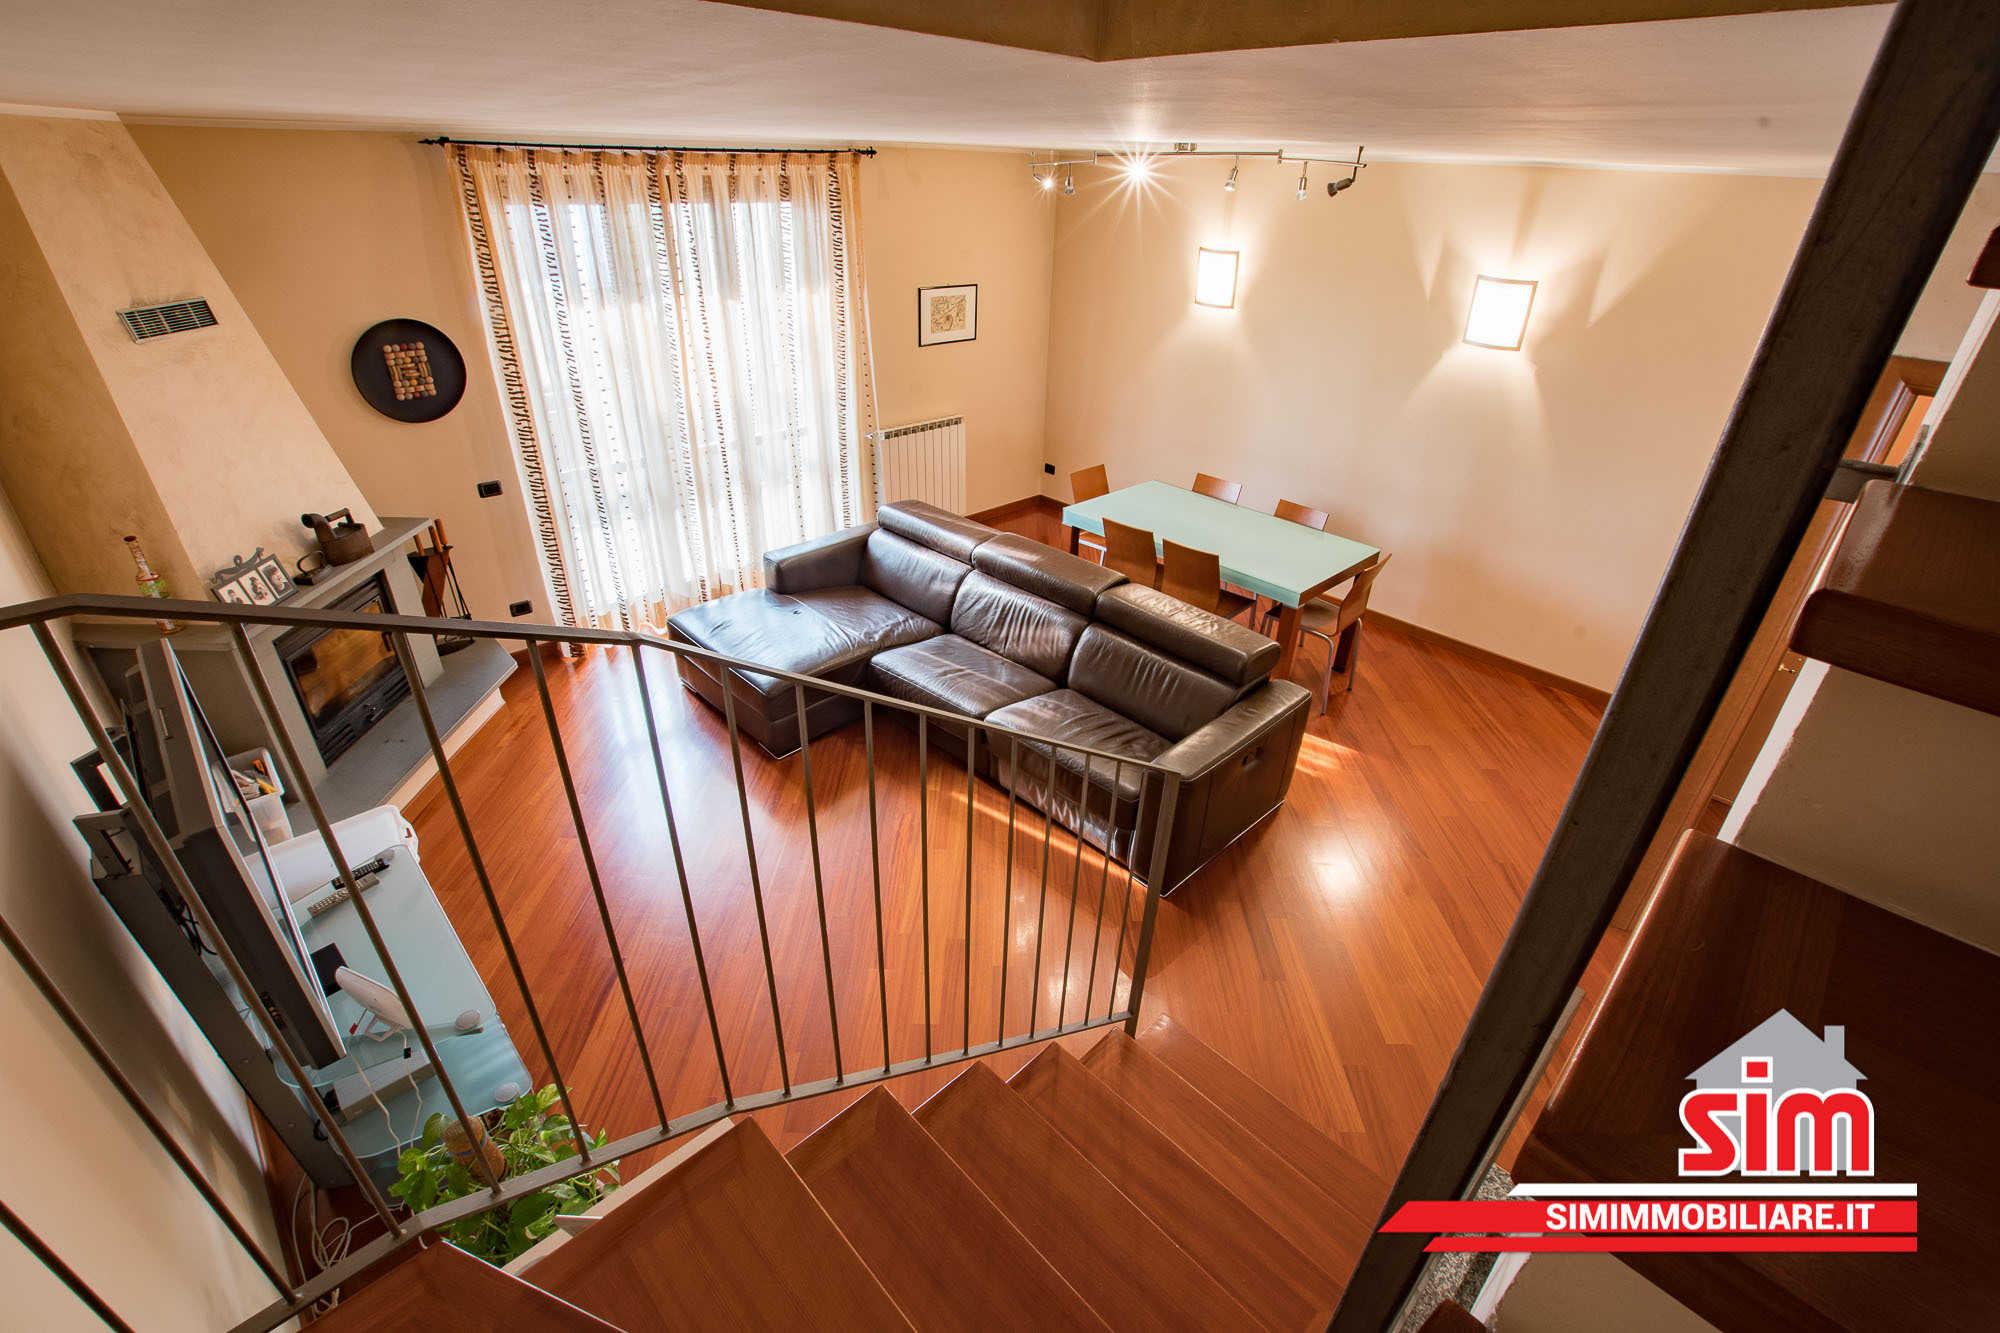 Come scegliere l'agente immobiliare per vendere casa